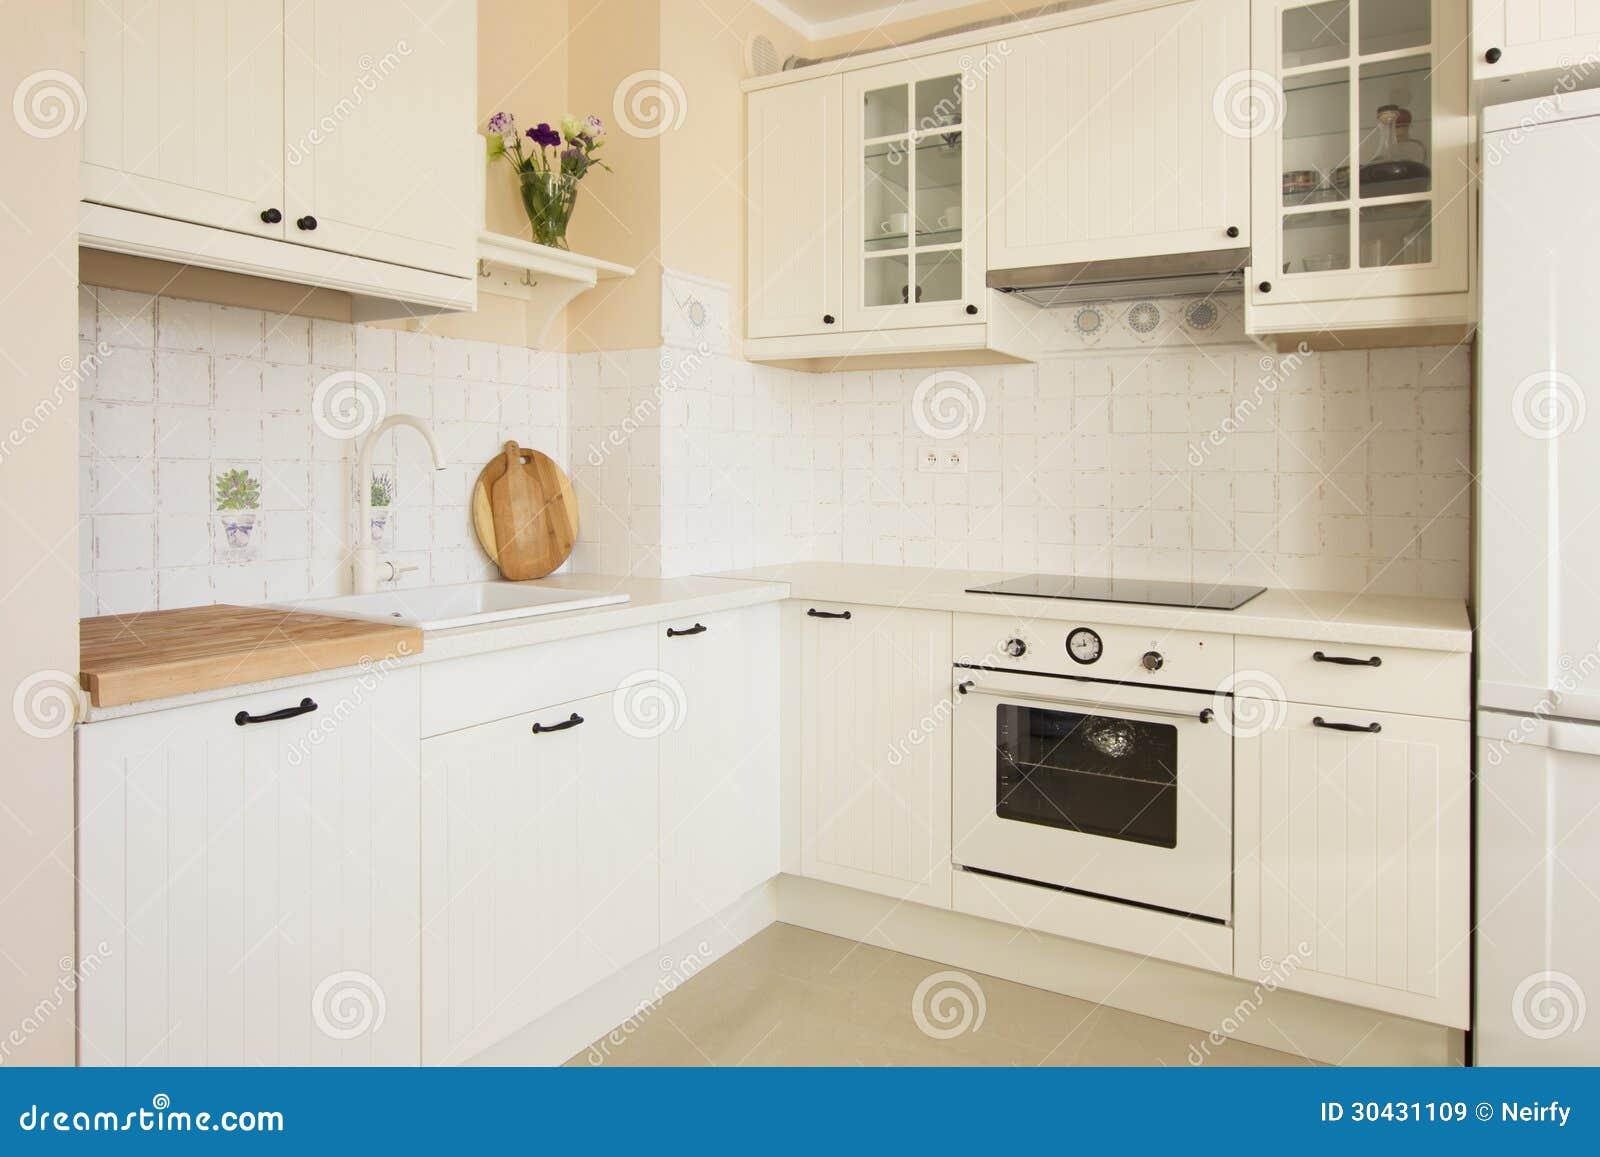 Cucina rustica immagine stock. Immagine di architettura ...